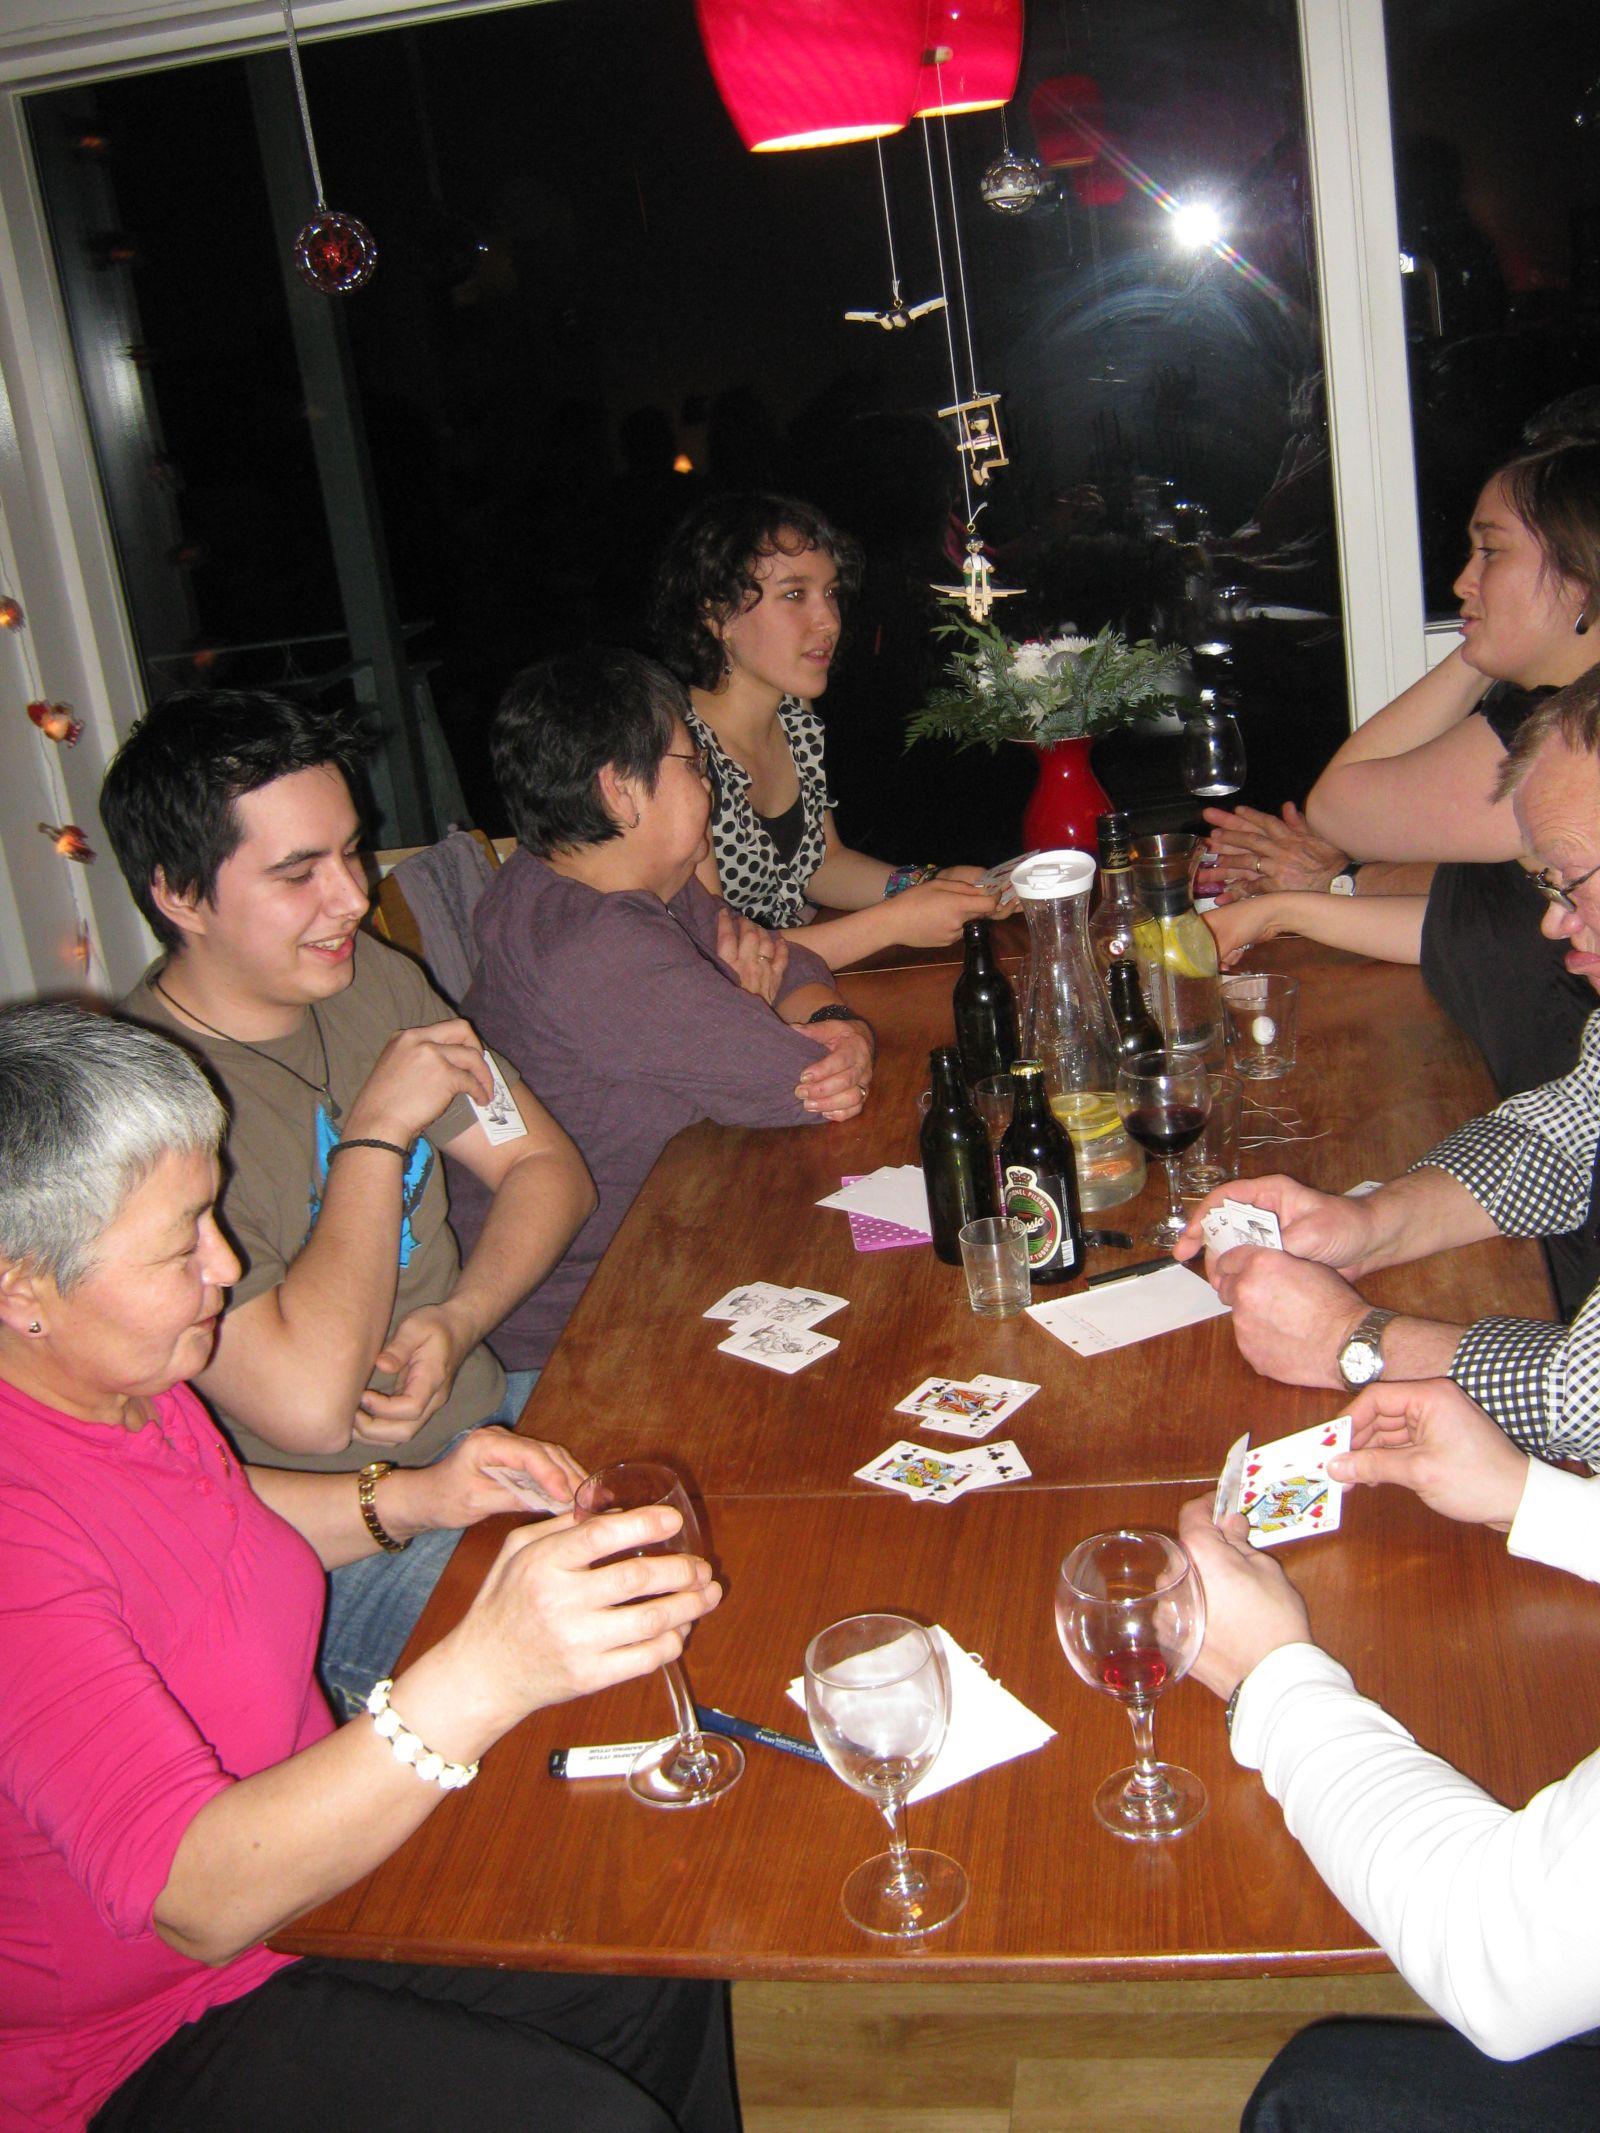 2009-12-26-1715_Hansigne Labansen; Ivalo Lynge Labansen; Maritha Eugenius Labansen; Martin Labansen; Worms